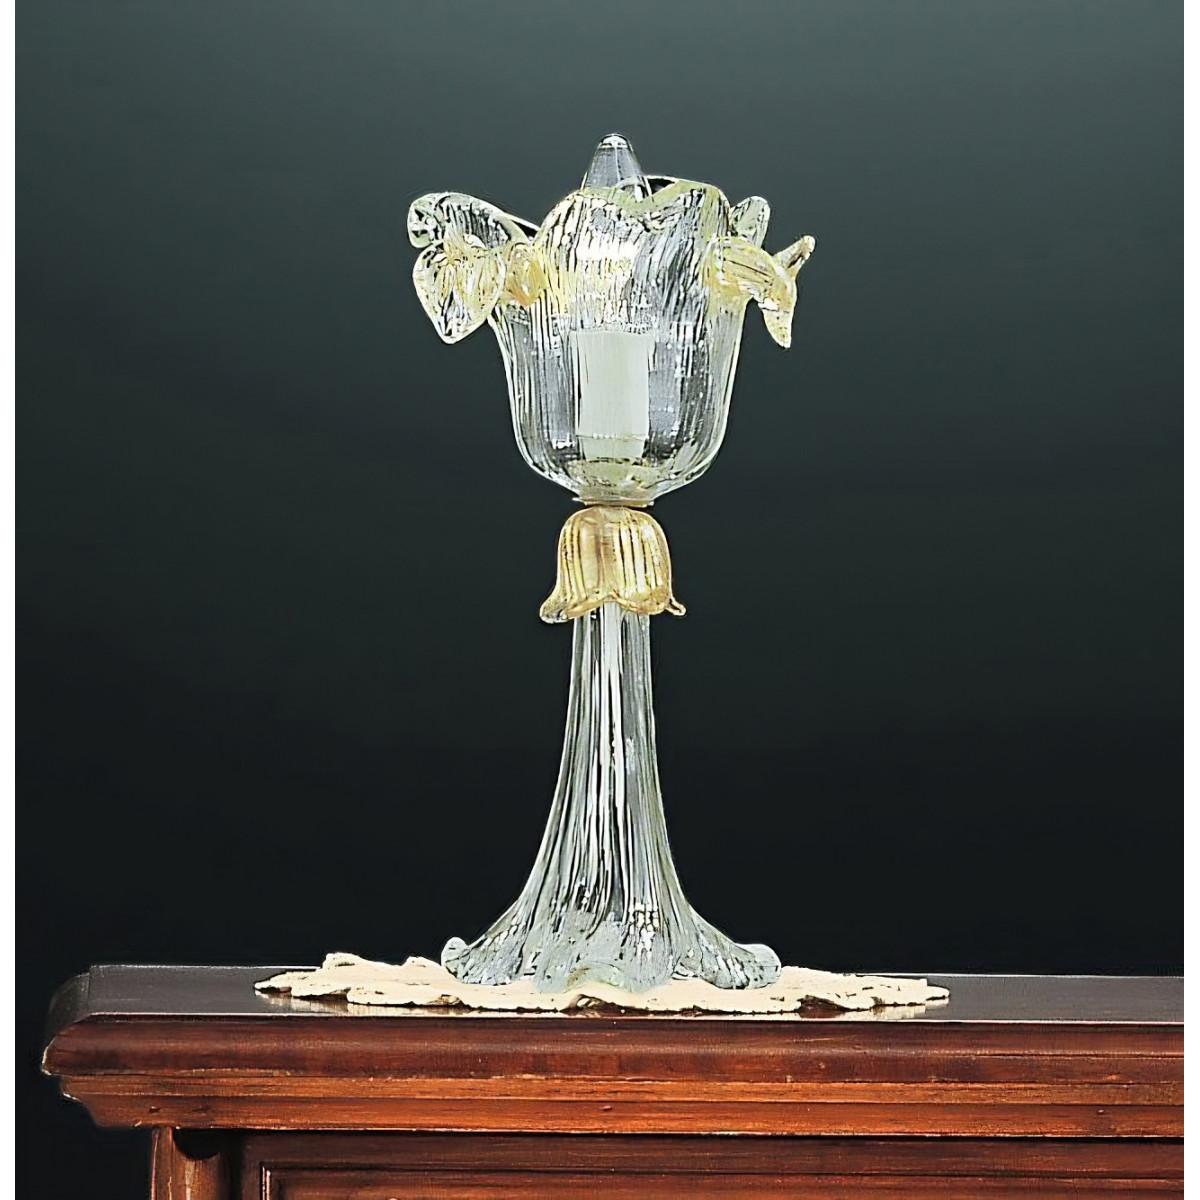 Accademia 1 luz - lampara de mesa pequeña de Murano - color oro transparente